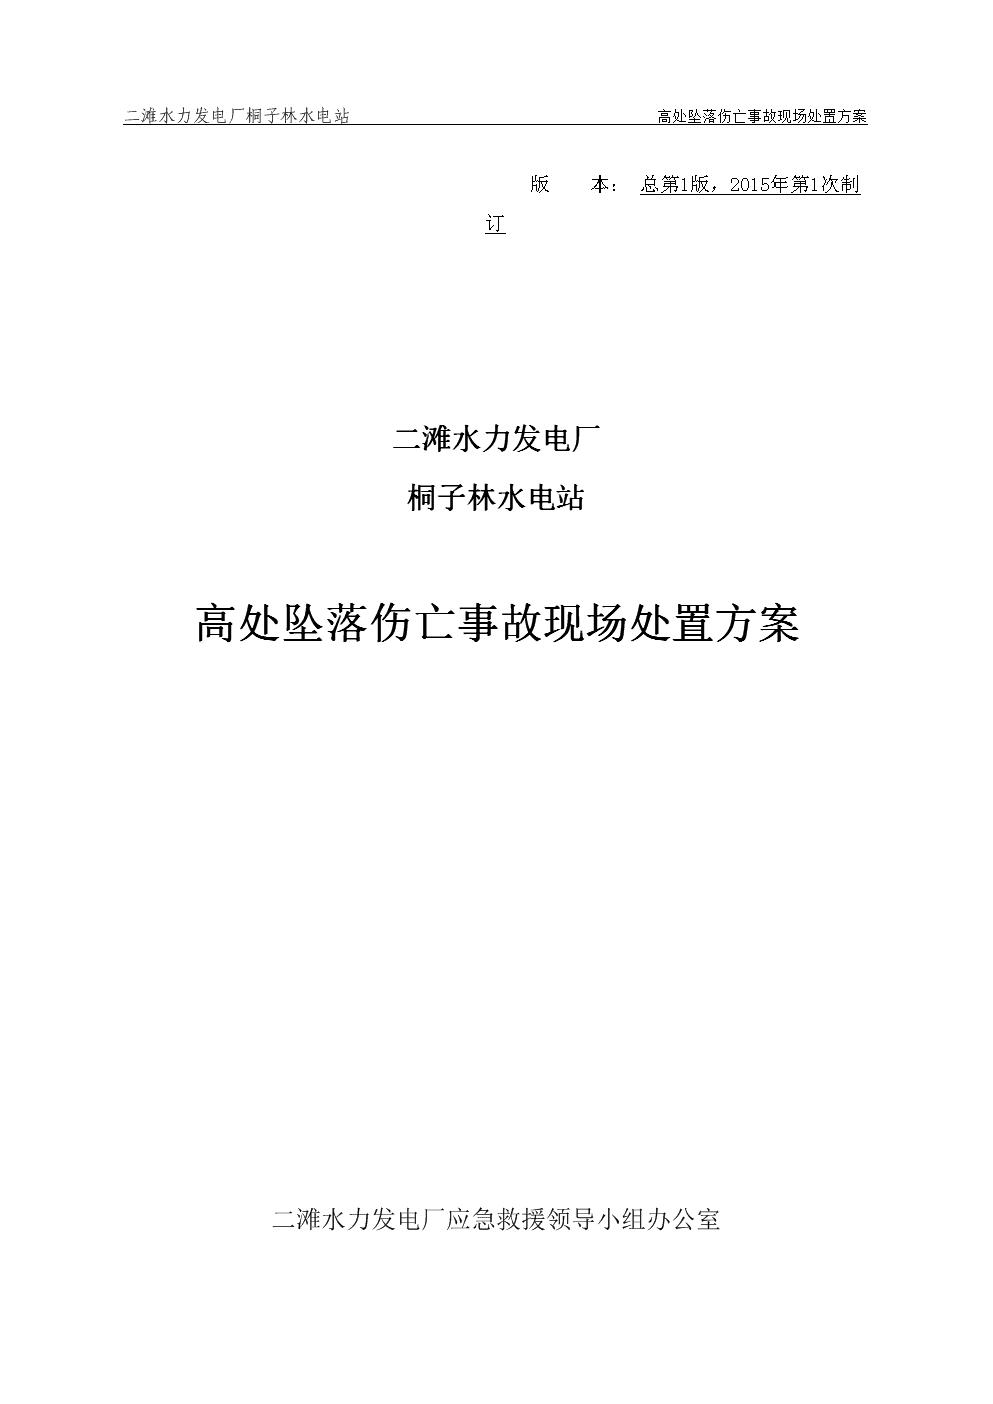 01-桐子林水电站高处坠落伤亡事故现场处置方案.doc